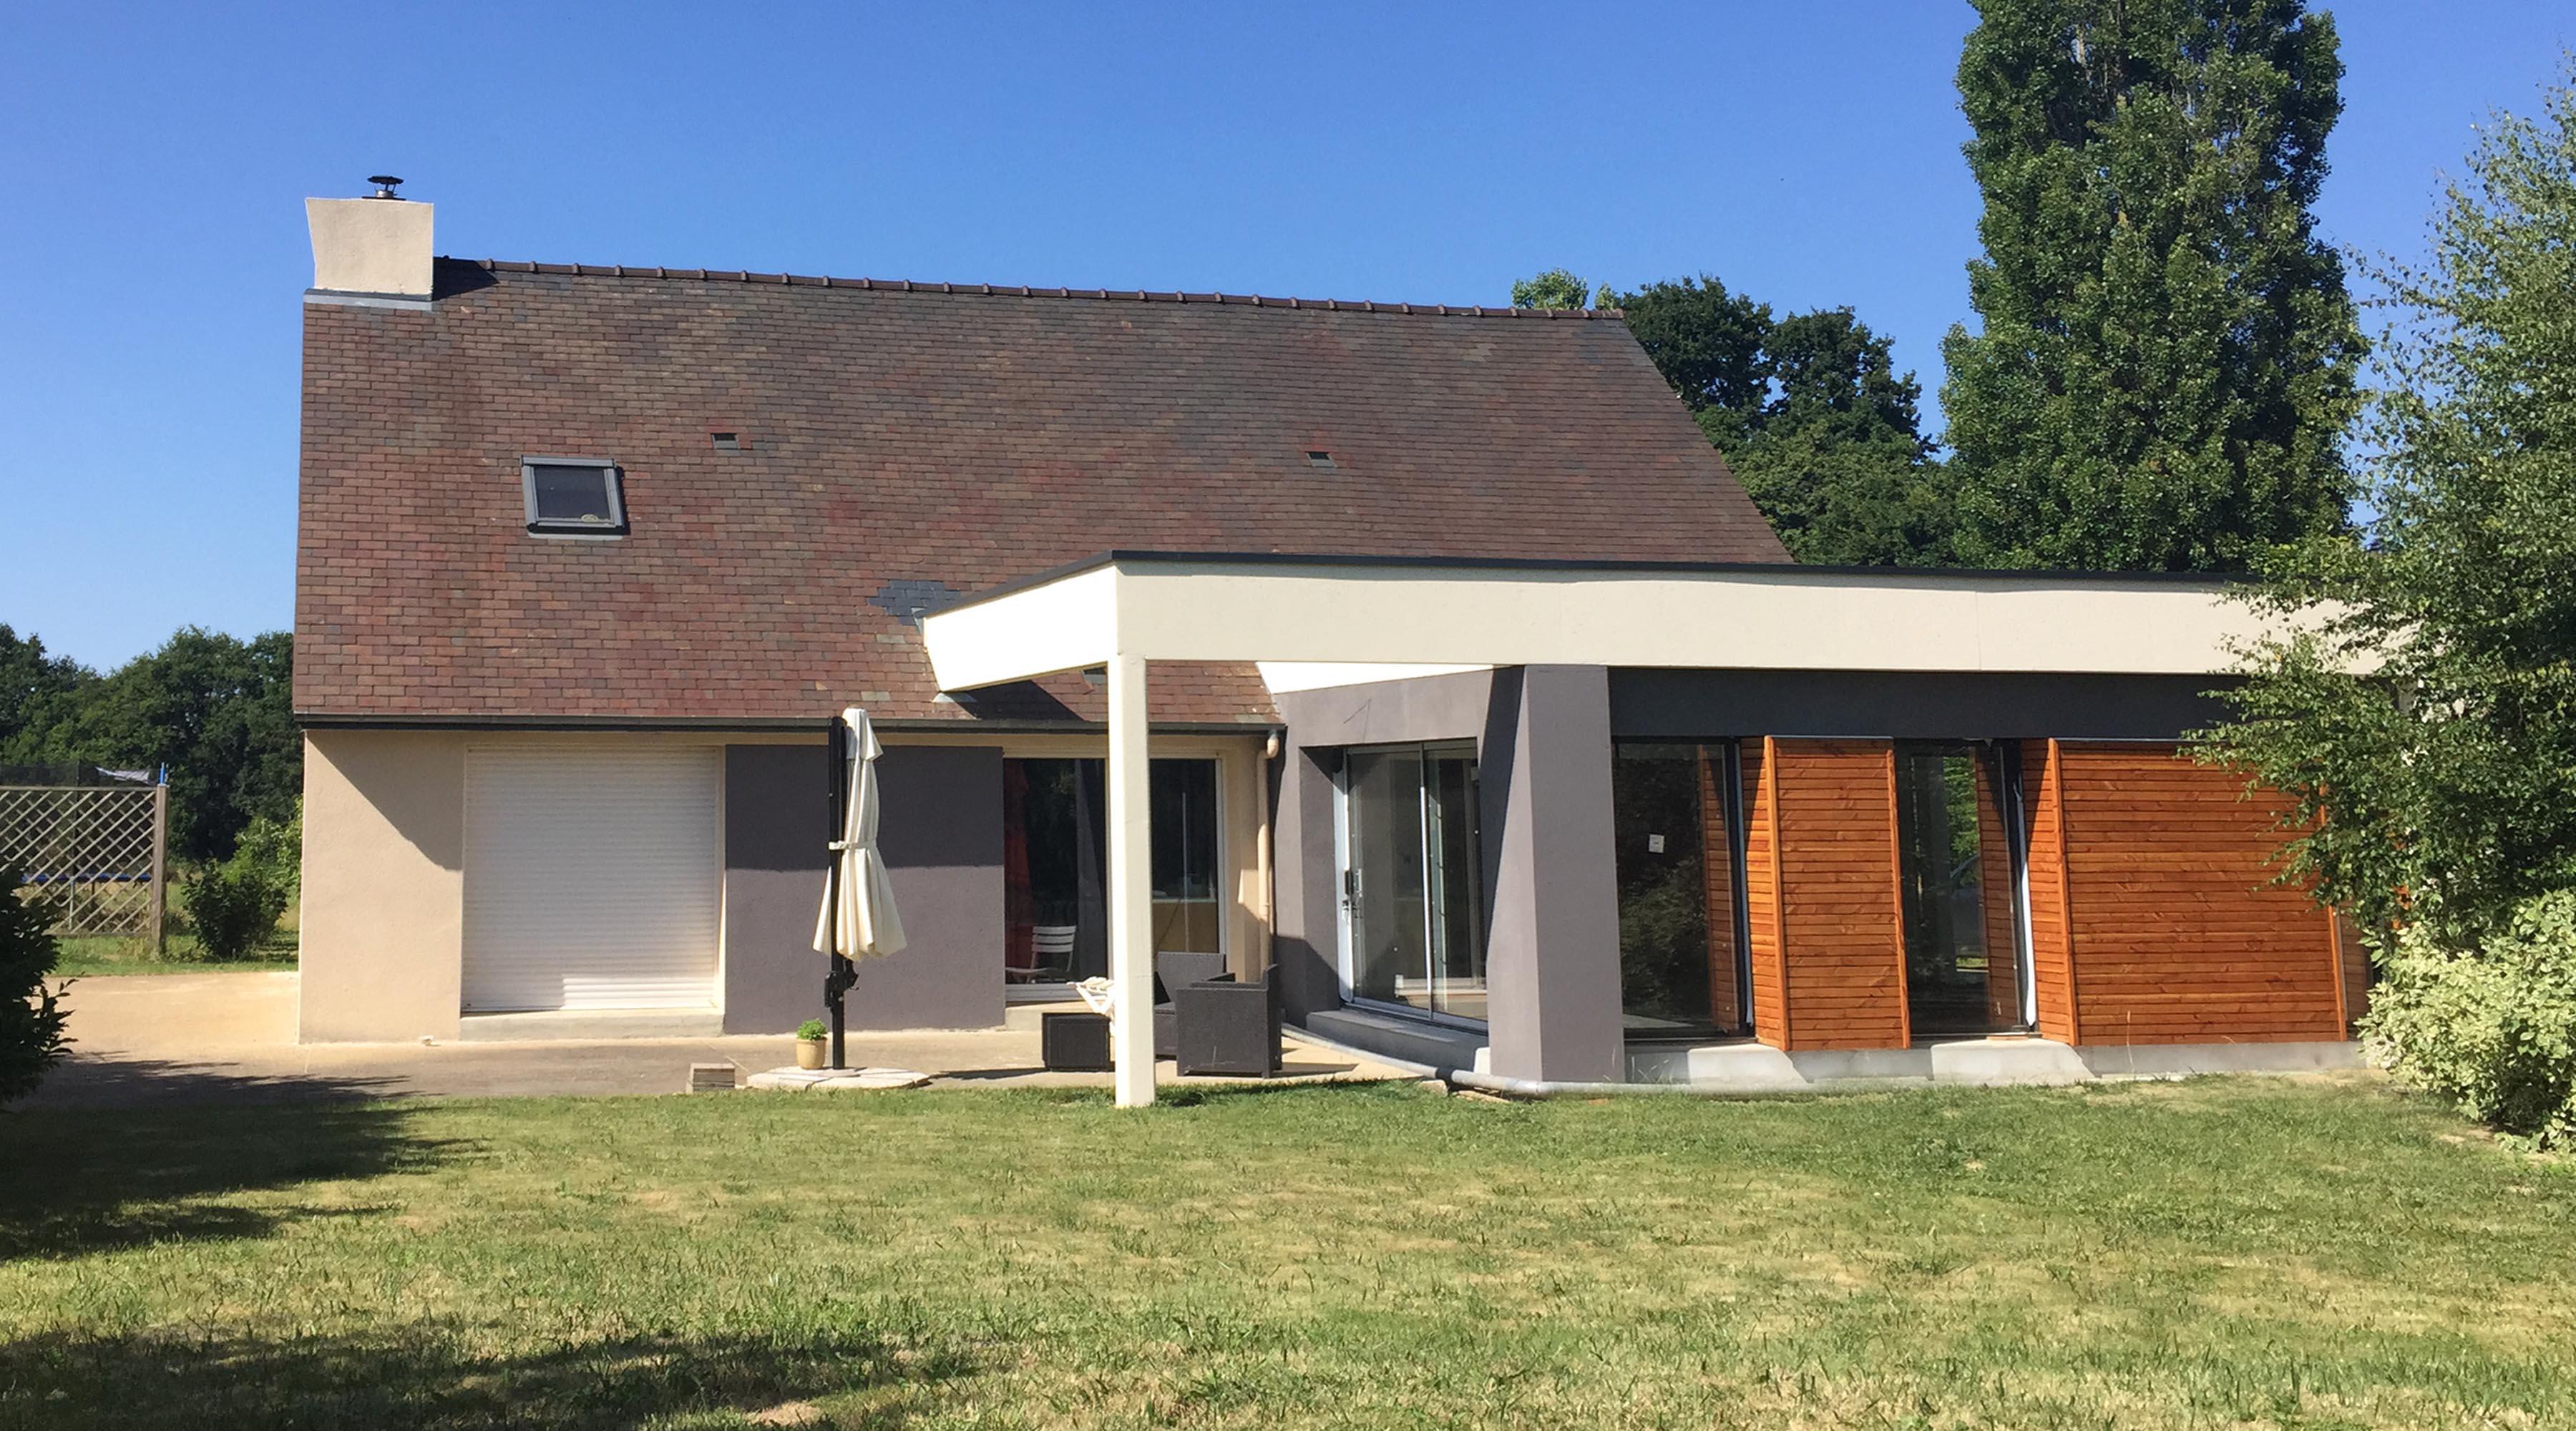 Projet m m 1 2 vue architecte lise roturier rennes for Agrandissement maison rennes